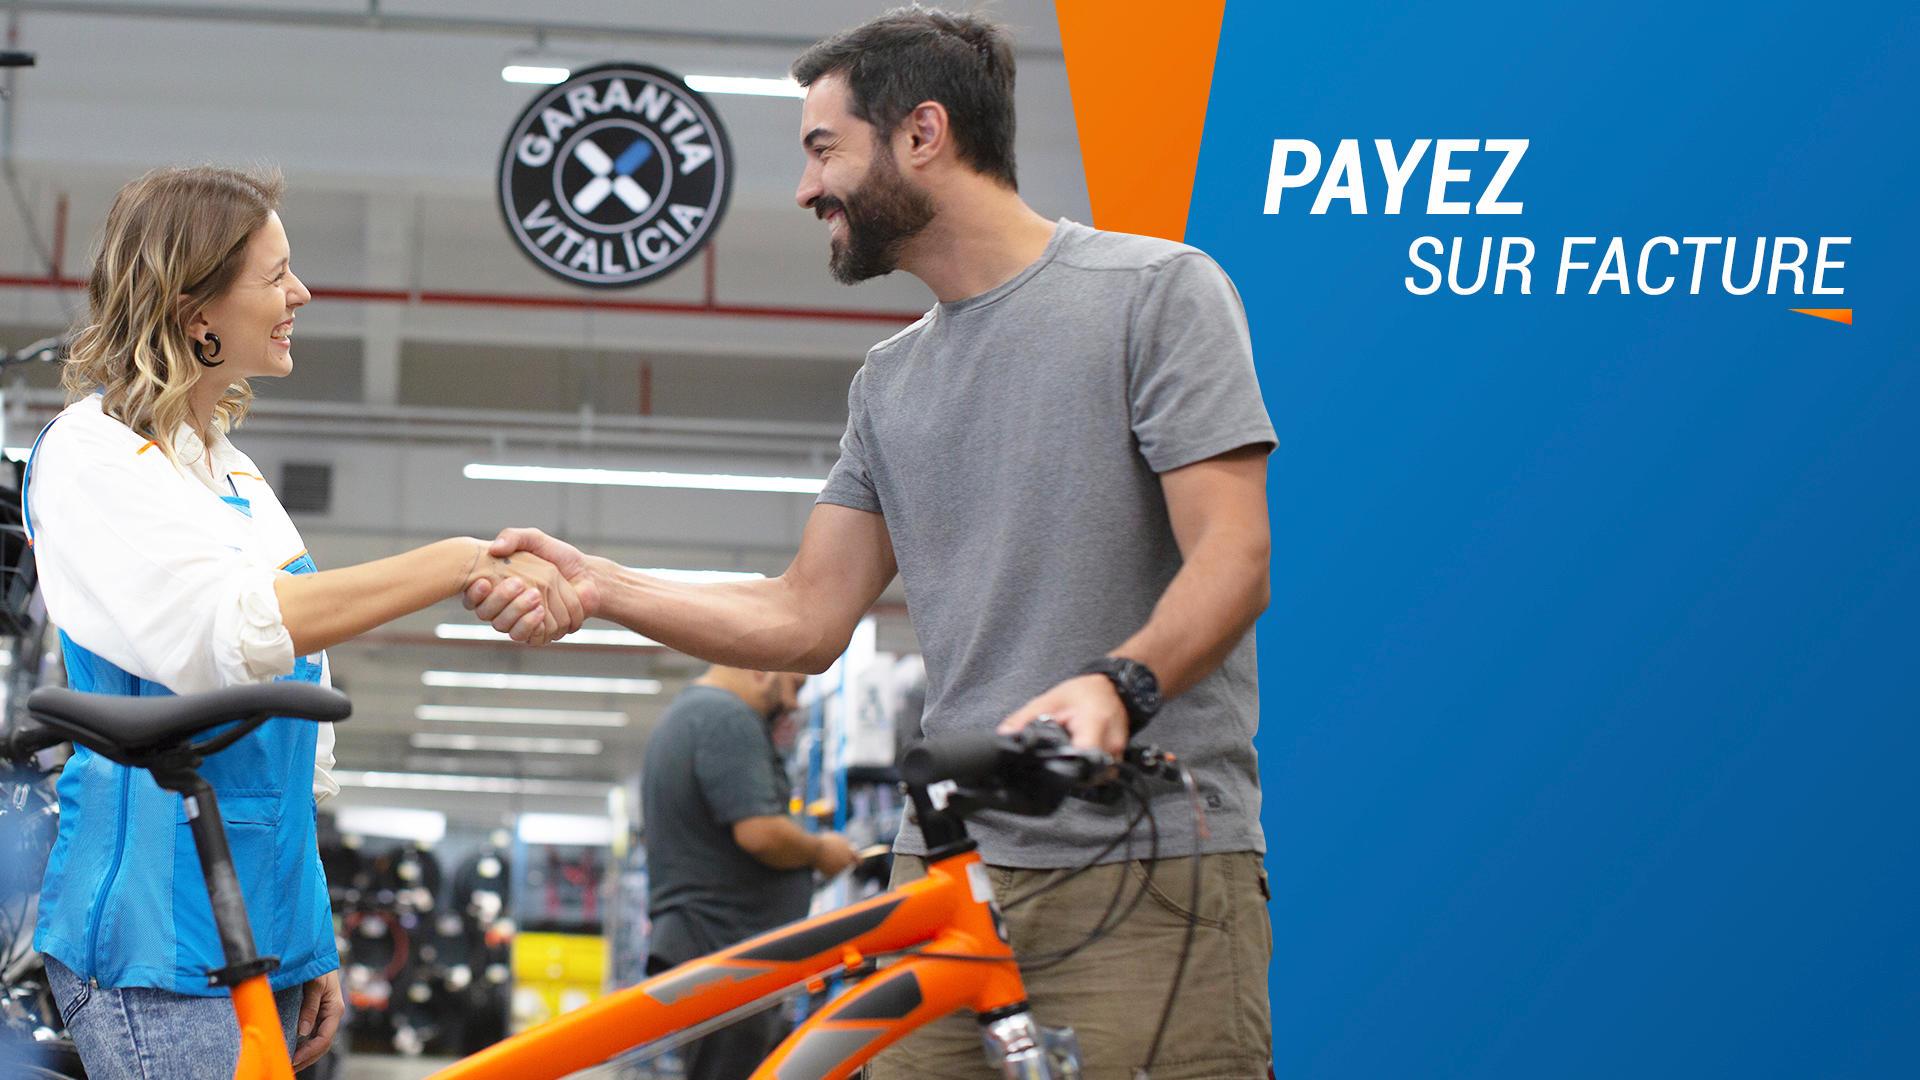 payer sur facture